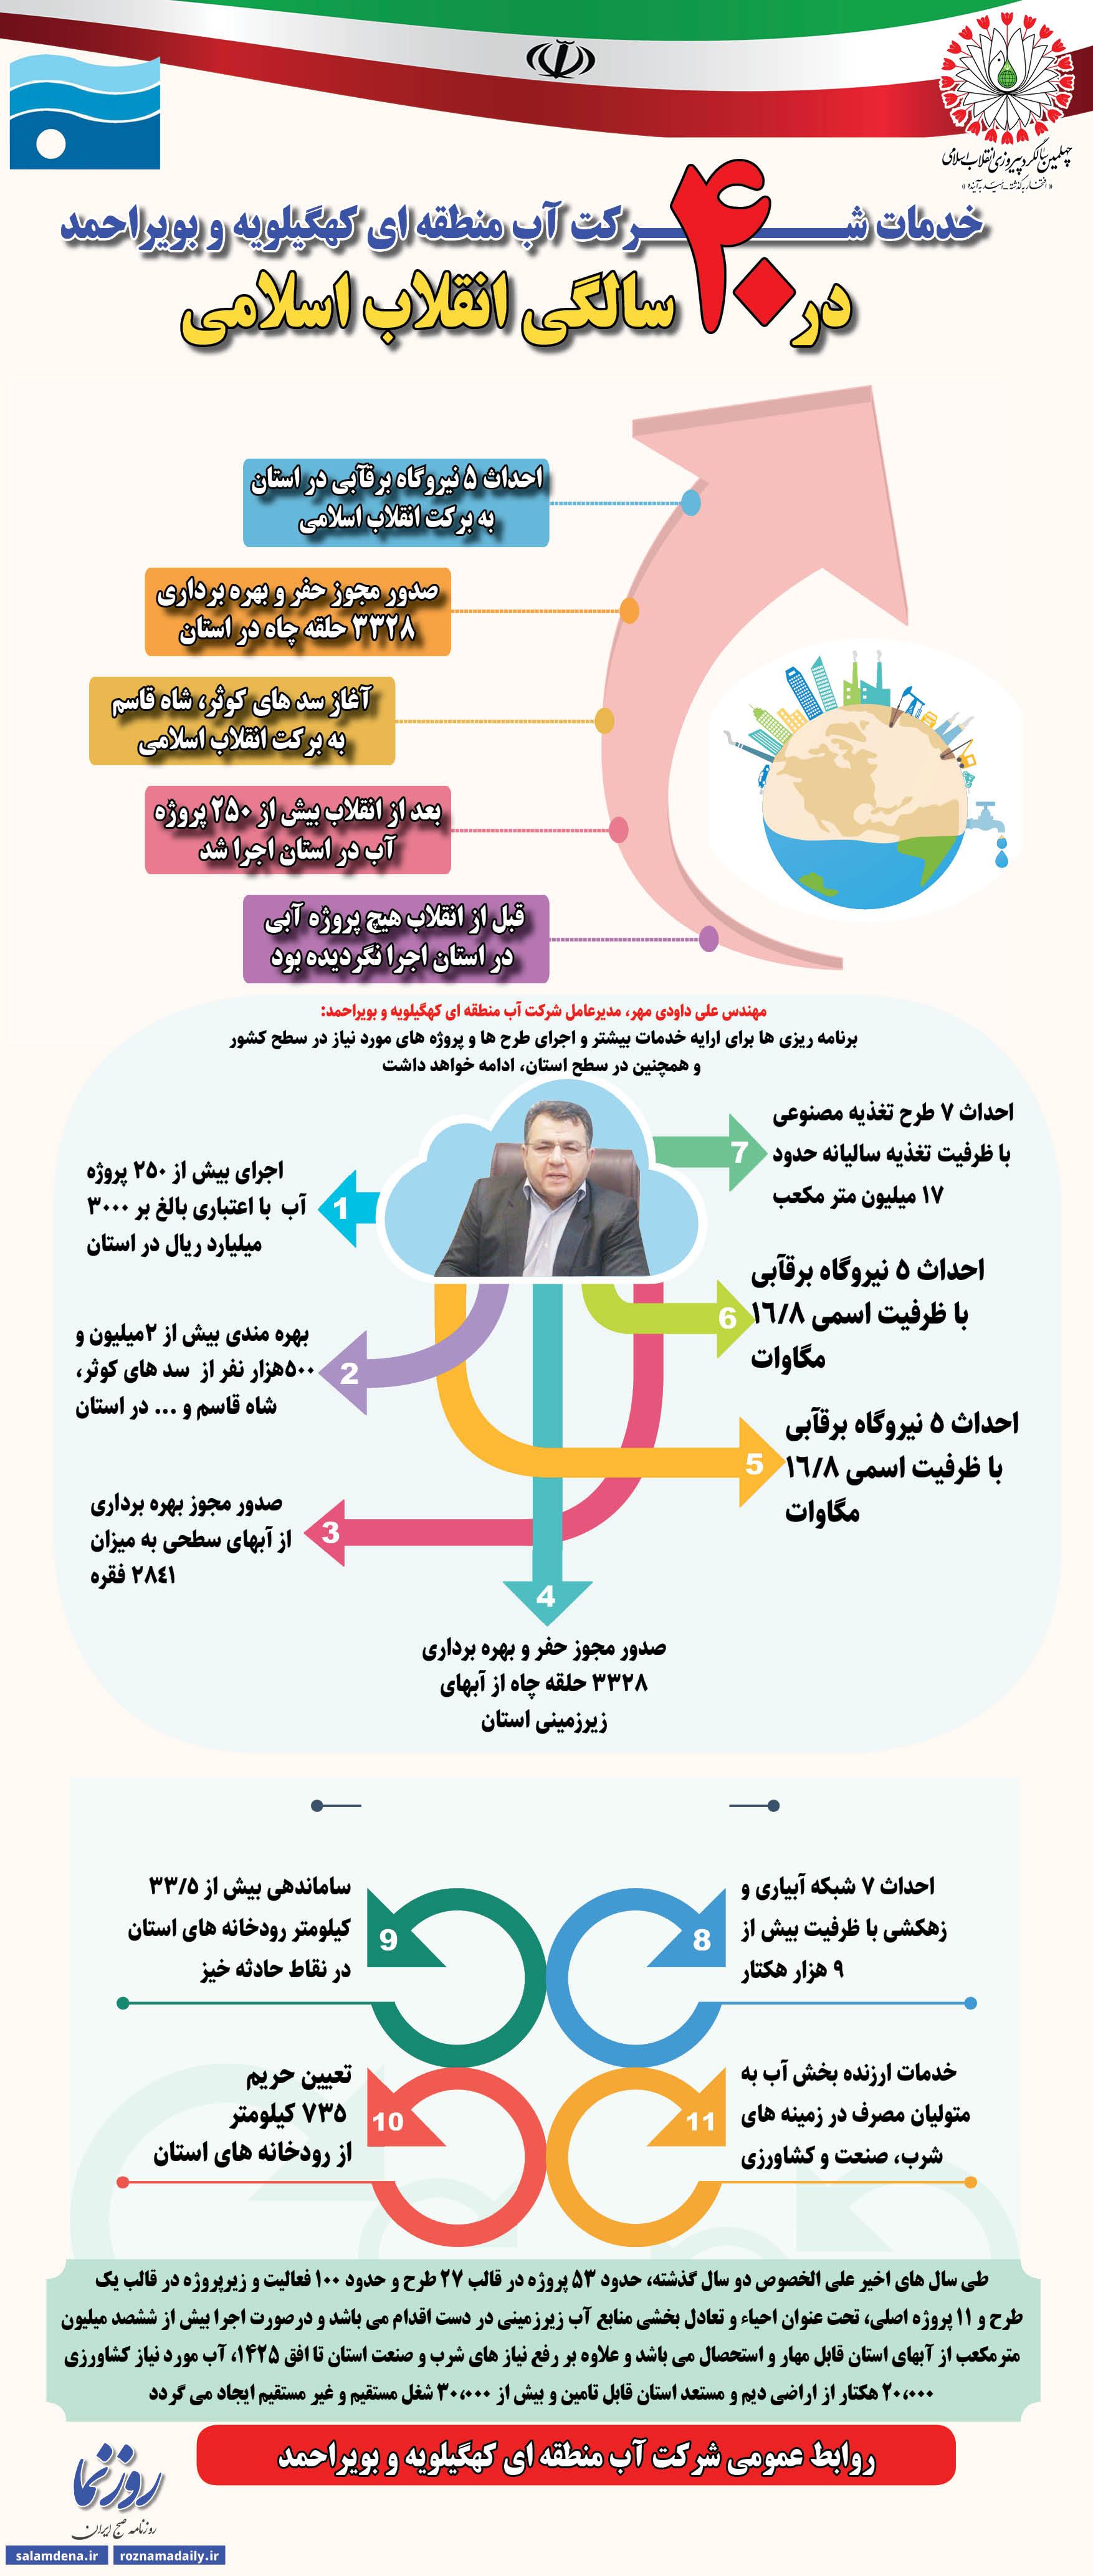 اینفوگرافی/خدمات شــــــــرکت آب منطقه ای کهگیلویه و بویراحمد  در ۴۰ سالگی انقلاب اسلامی